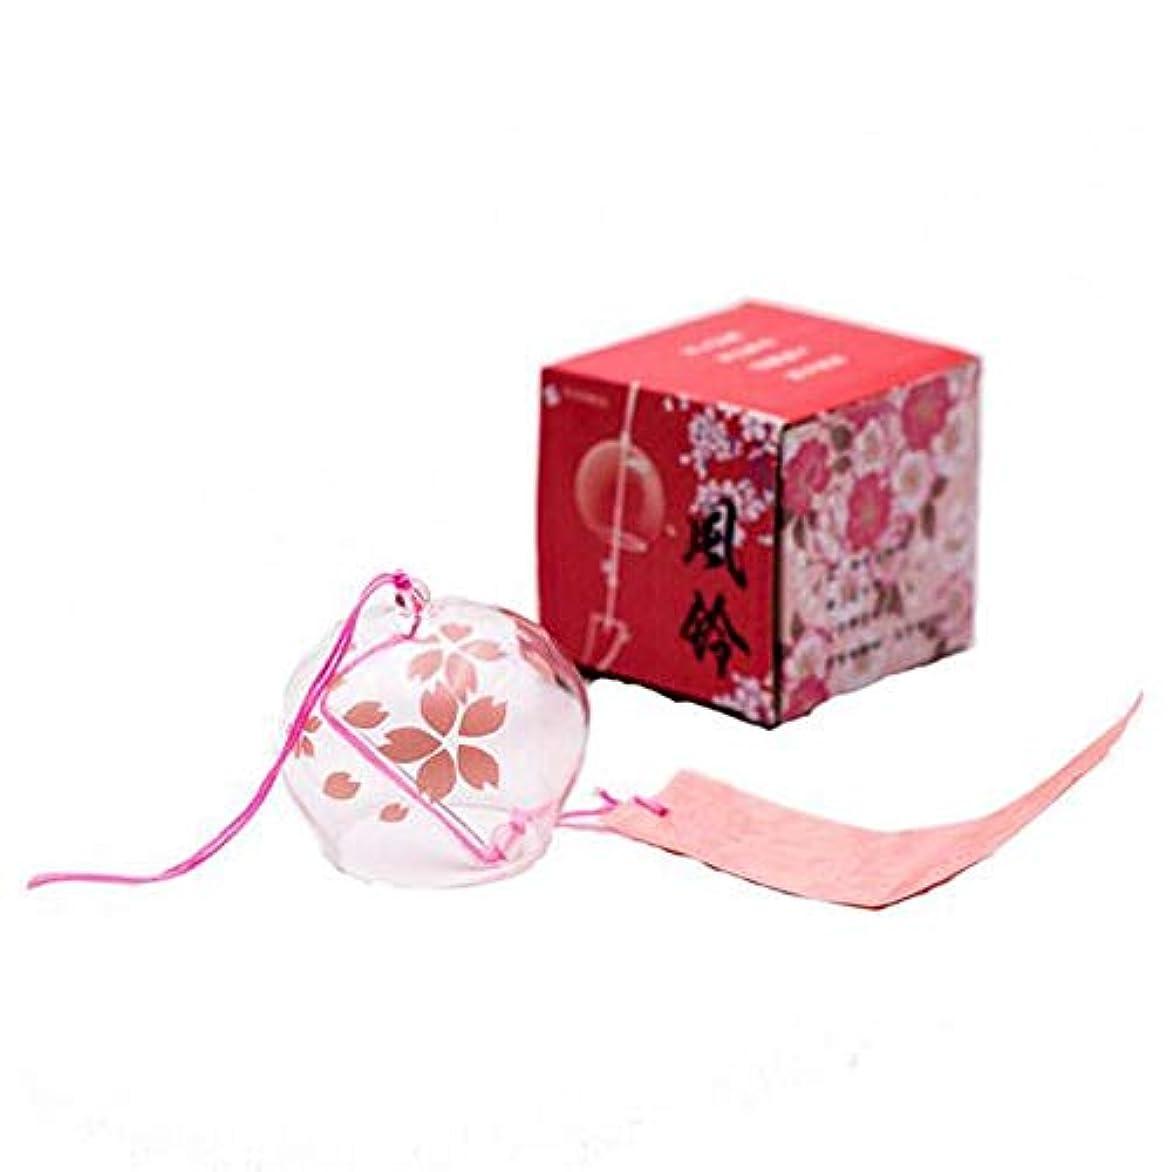 変形行う指定Kaiyitong01 風チャイム、ガラス素材ホームクリエイティブ風チャイム、パープル、40cm程度の長さの合計,絶妙なファッション (Color : Pink)